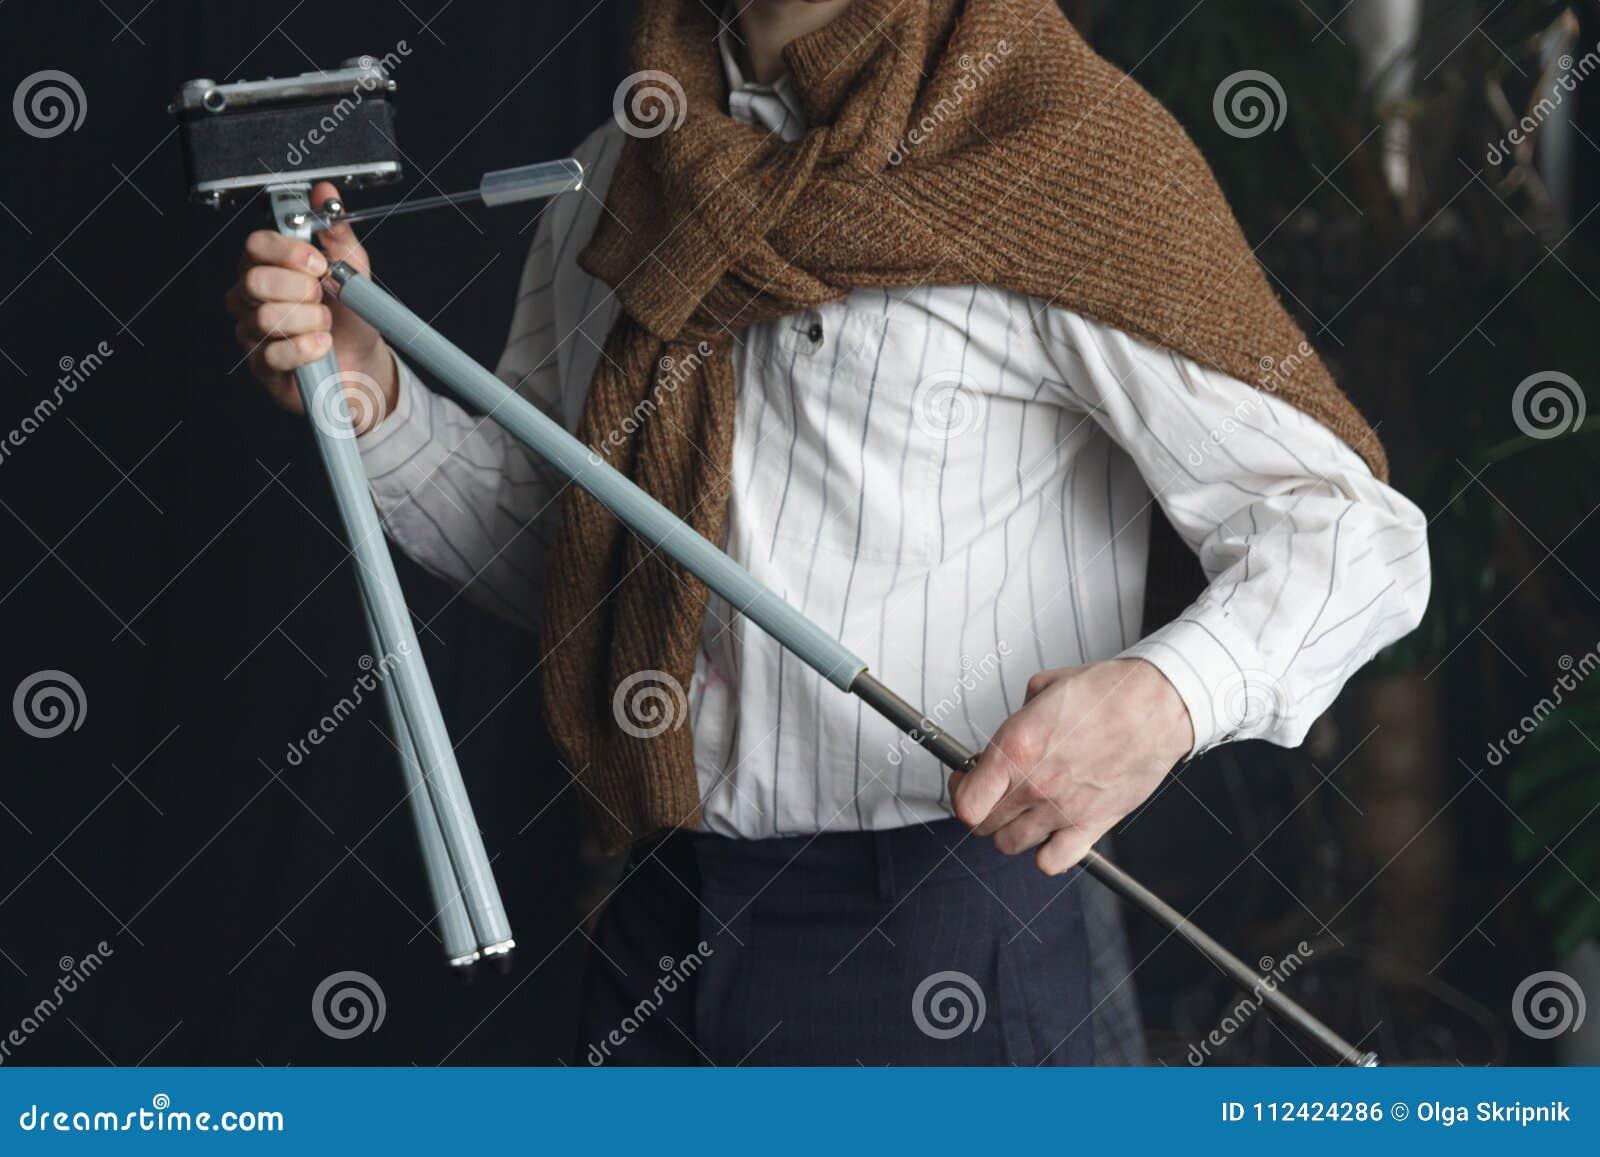 一件白色衬衣和一件棕色毛线衣的一个人拿着有照相机的,葡萄酒一个老三脚架